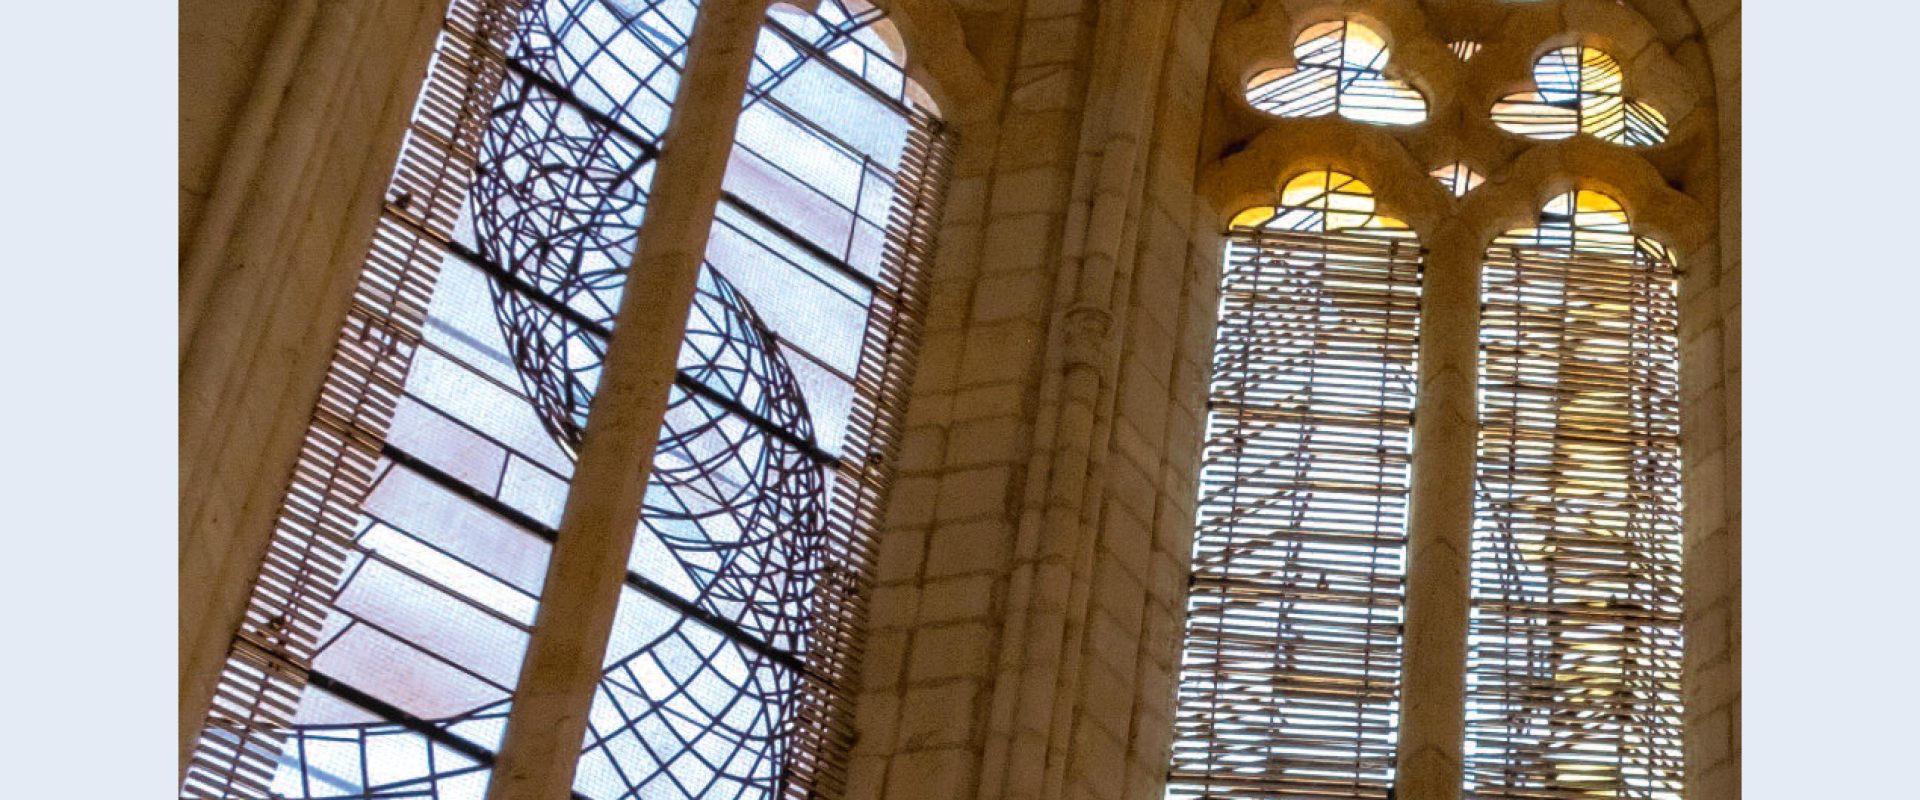 Article du Picton sur les vitraux de la basilique